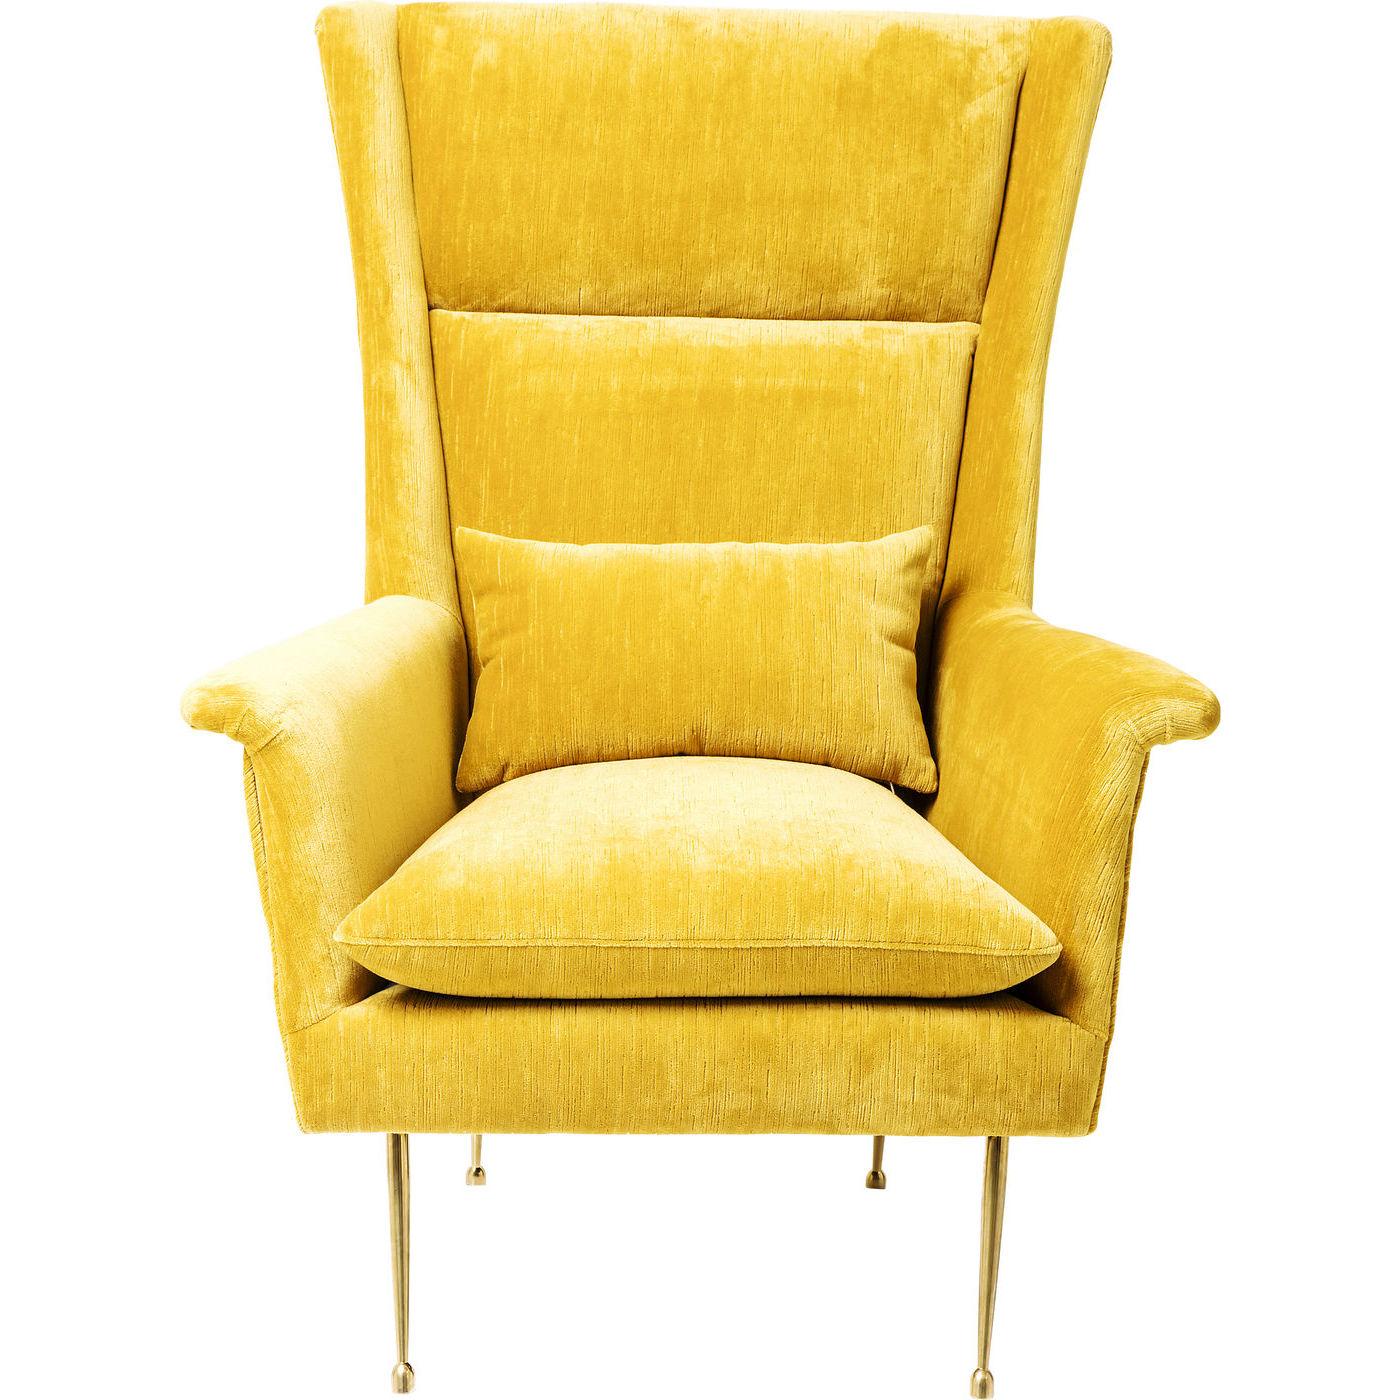 kare design – Kare design vegas forever hvilestol - gult stof, m. armlæn og pude på boboonline.dk